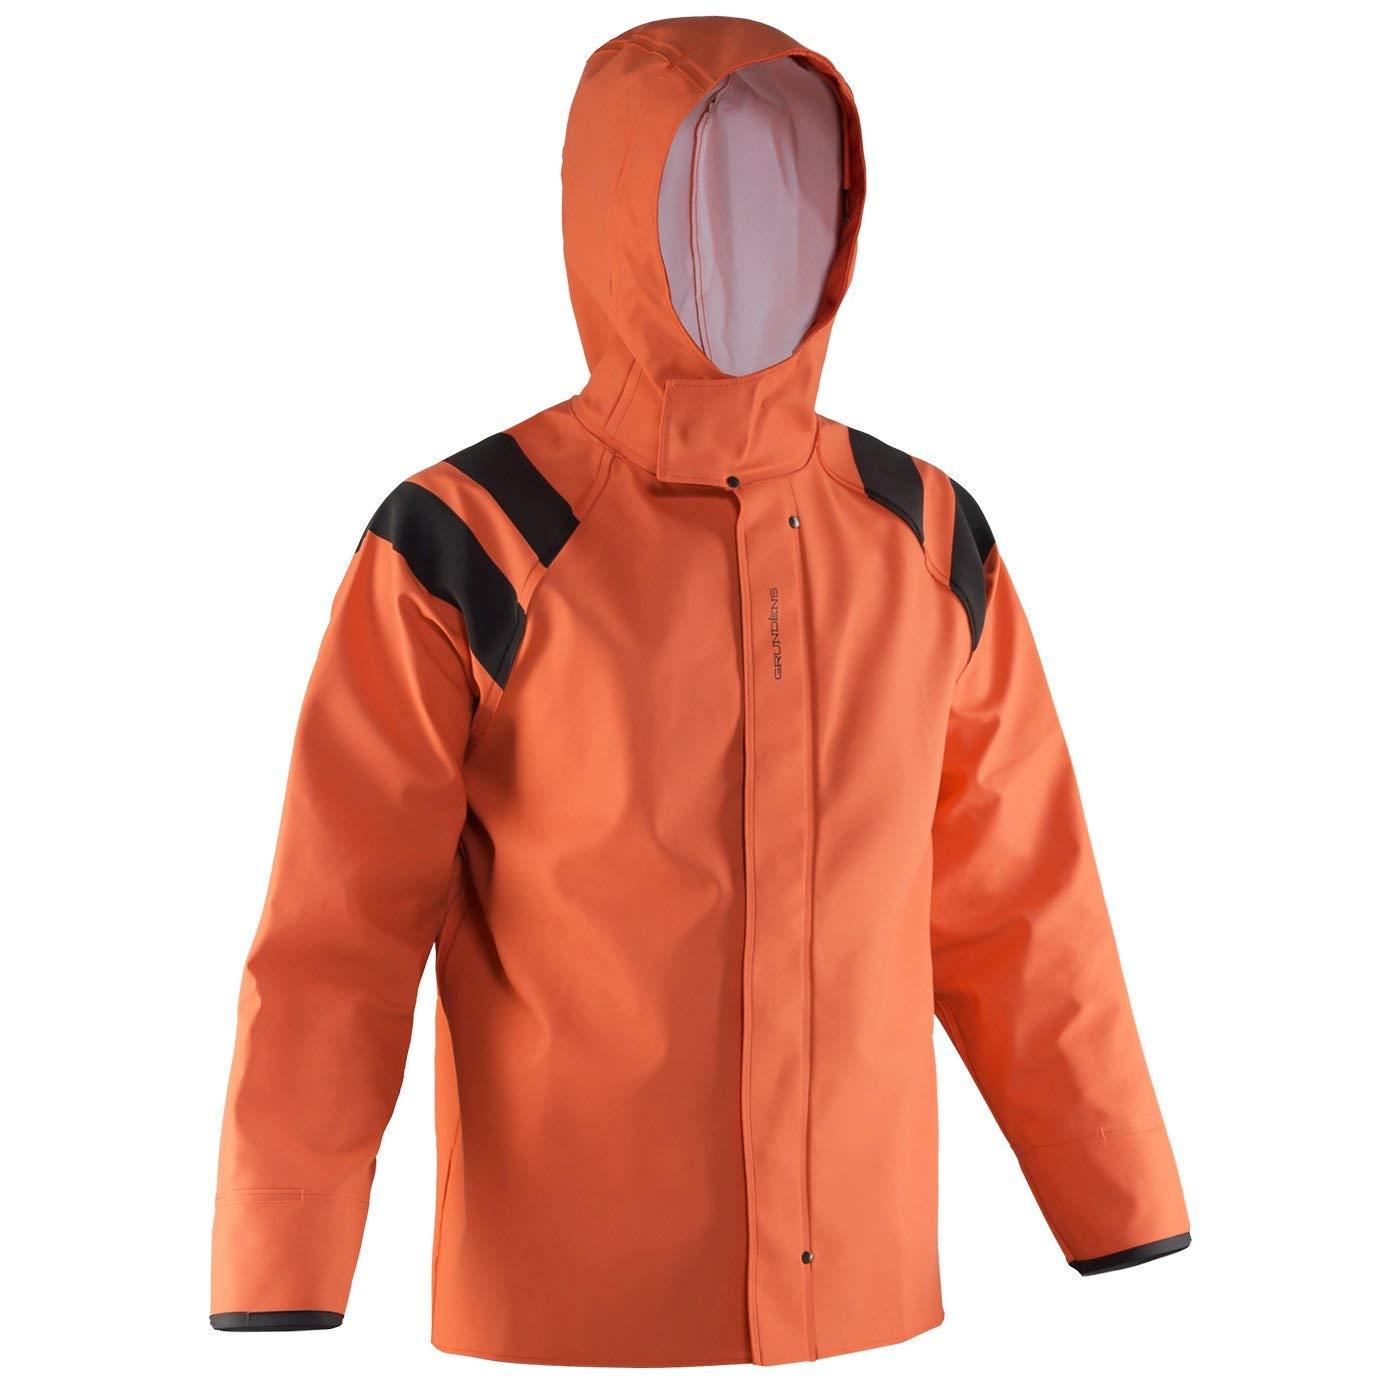 Grundéns Women's Sedna 462 Hooded Fishing Jacket